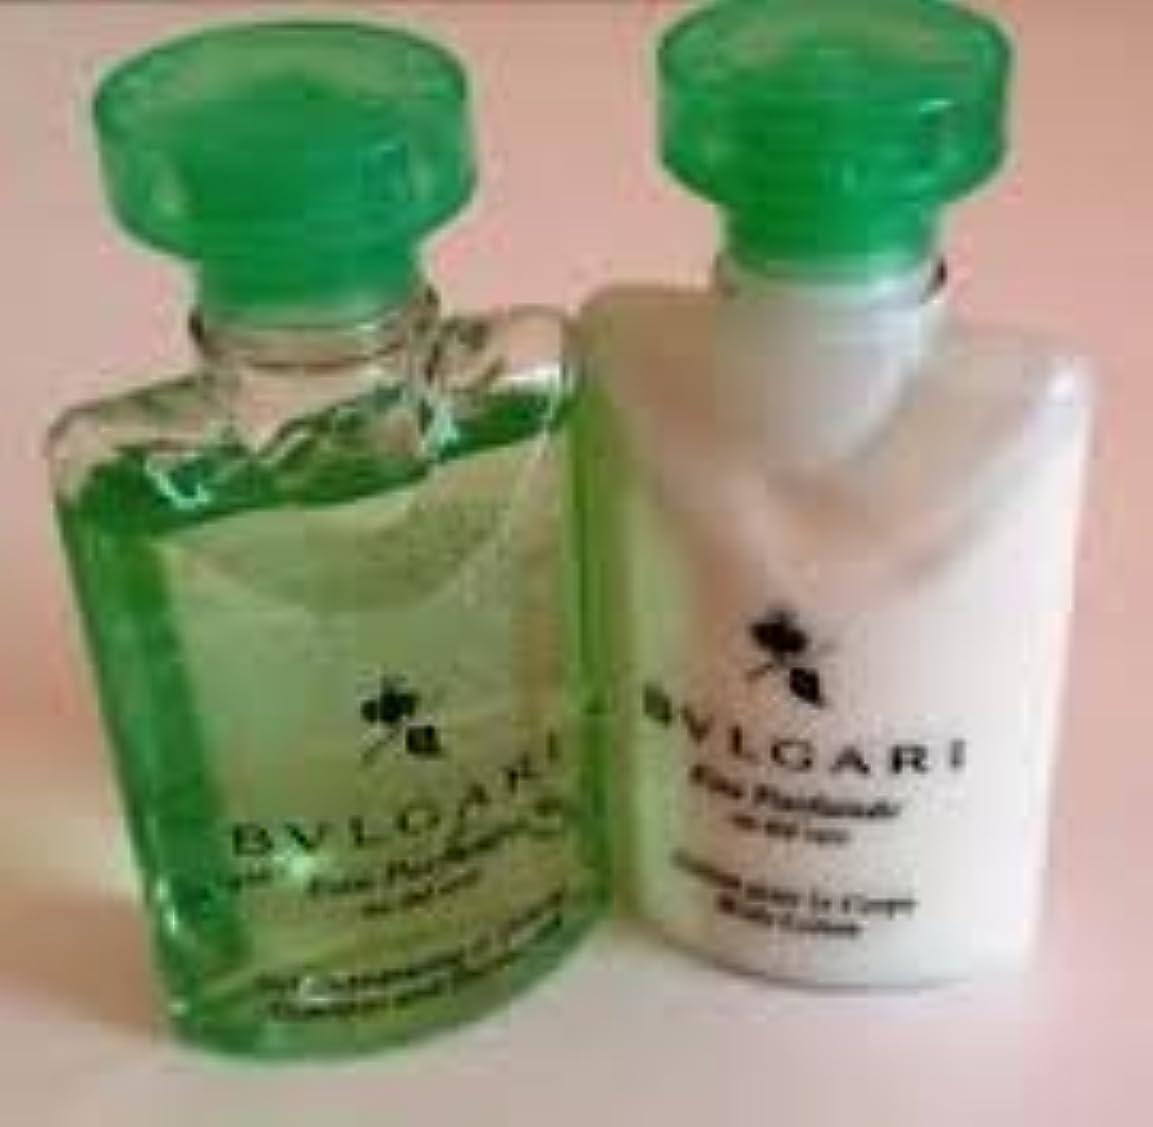 または残酷議会Bvlgari Eau Parfumee au the vert (ブルガリ オー パフュ-メ オウ ザ バート / グリーン ティー) 2.5 oz (75ml) シャンプー & ヘアーコンディショナー